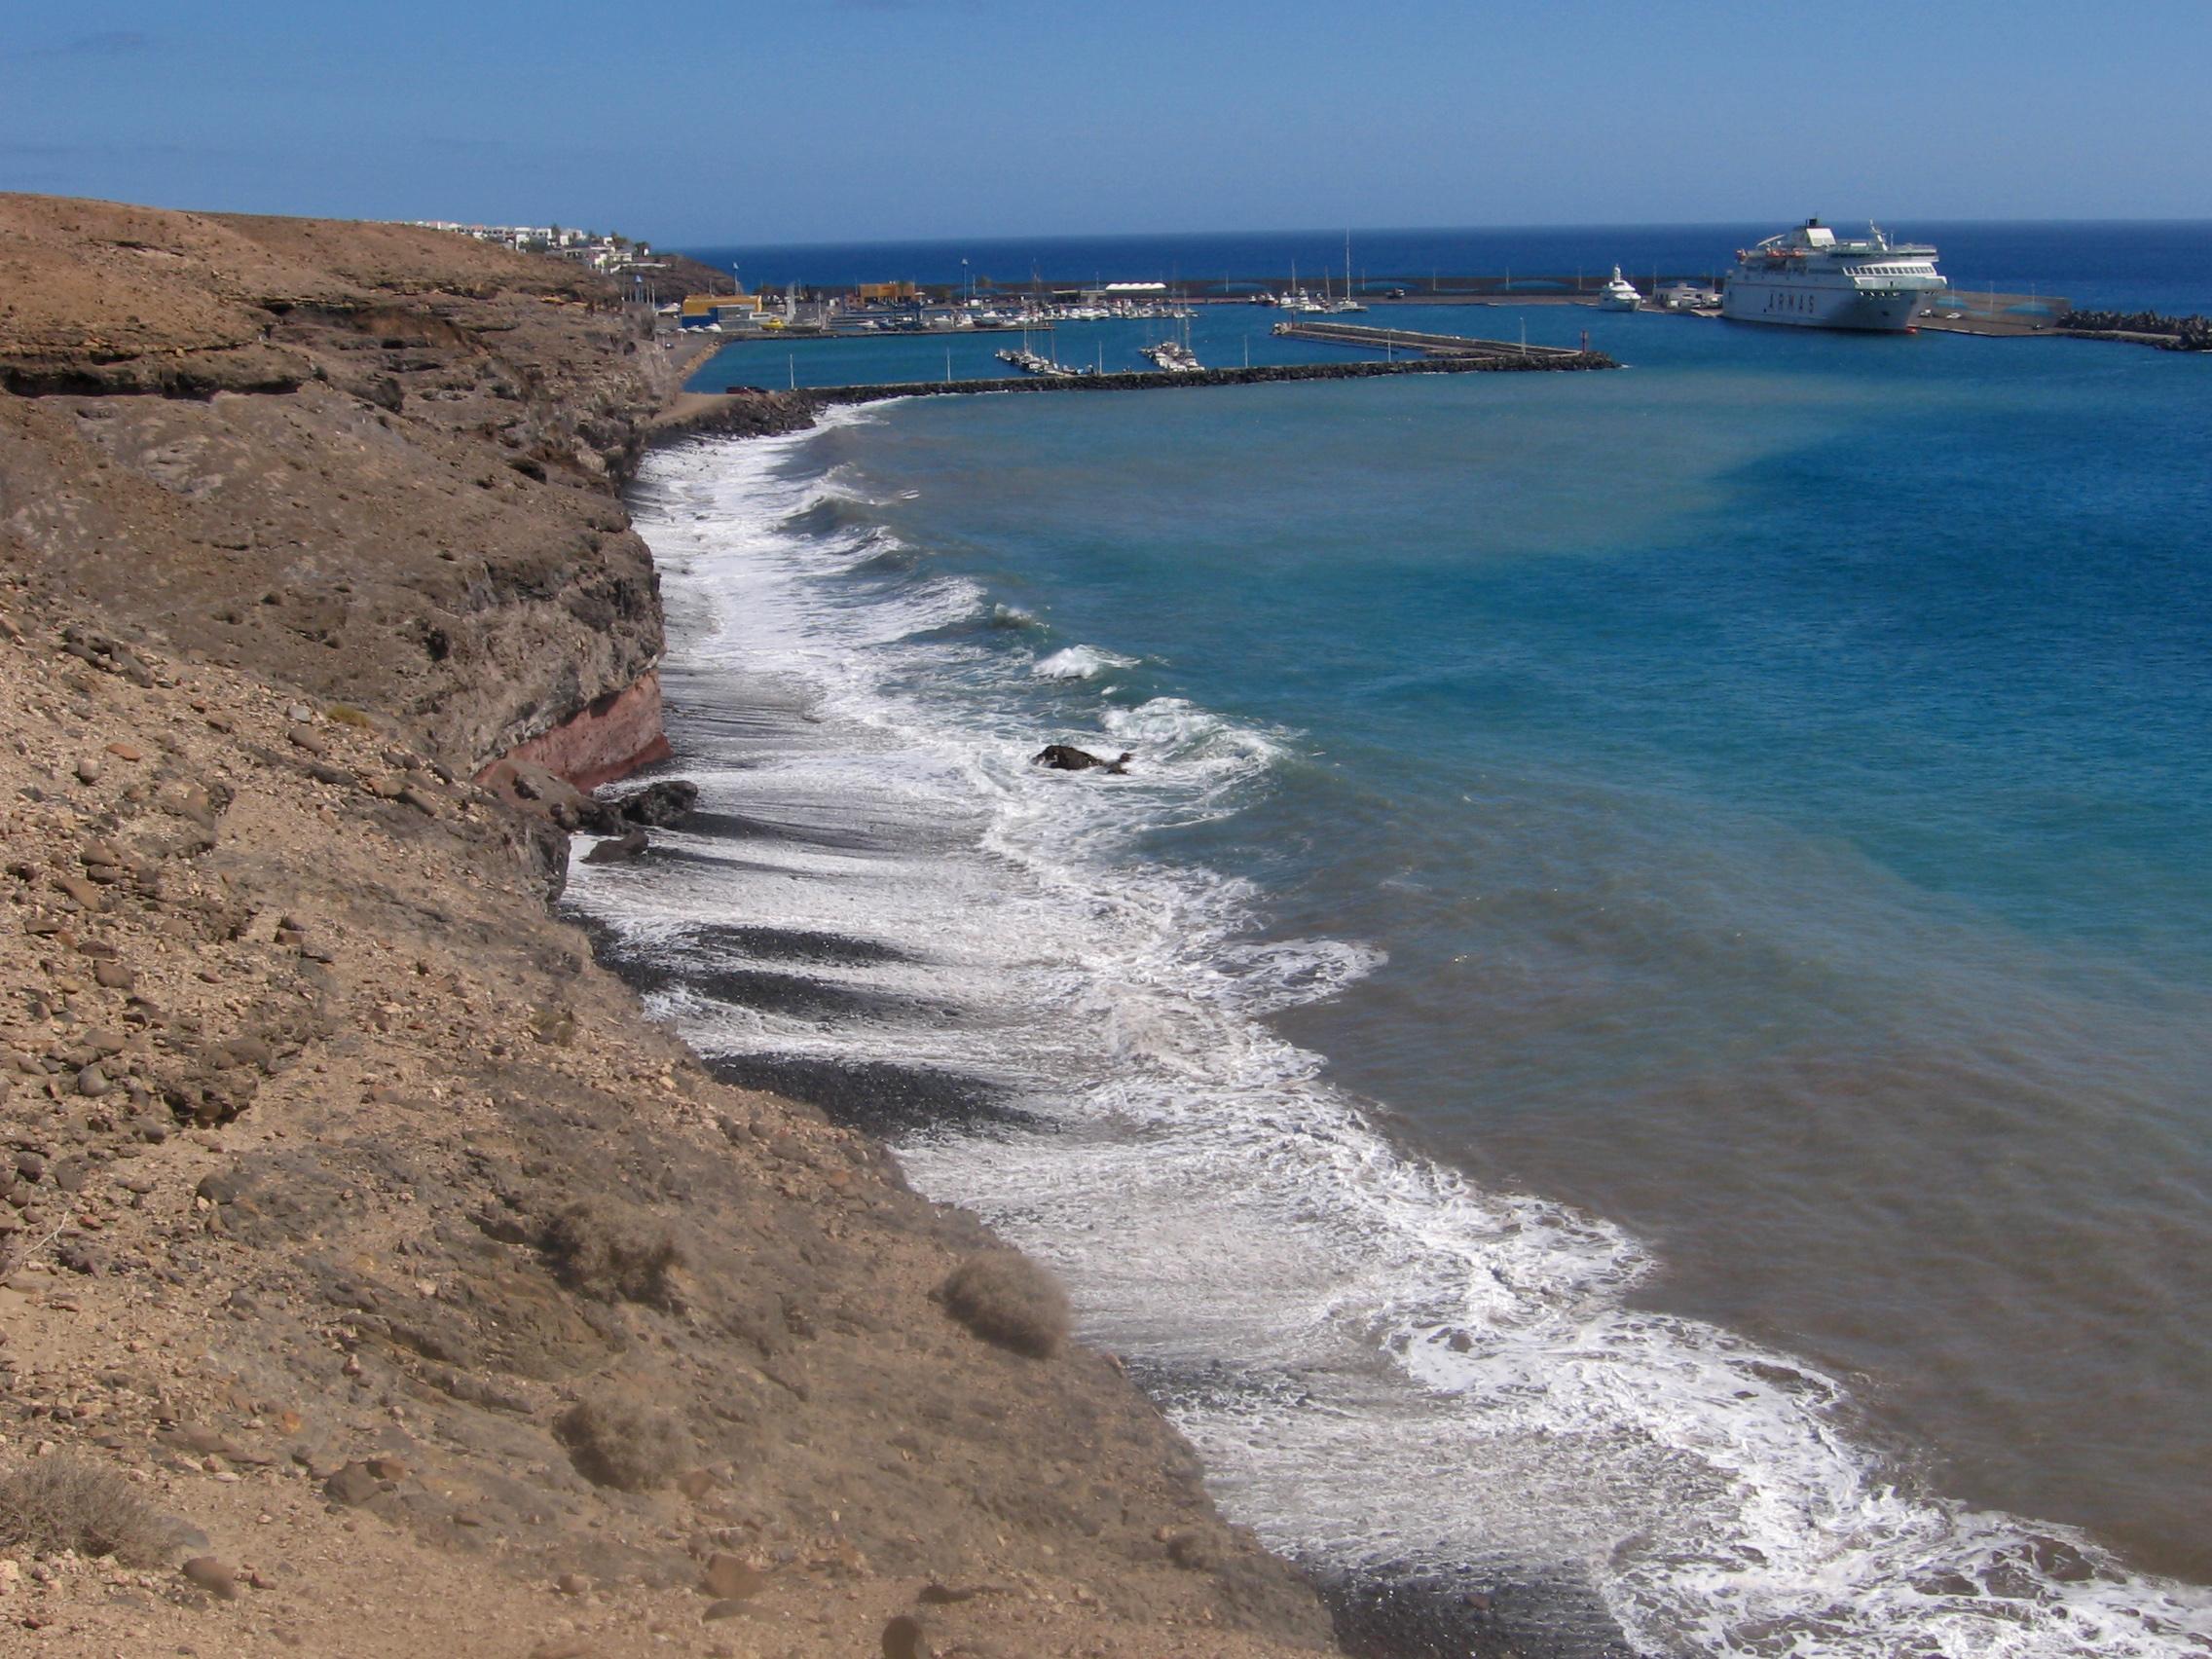 Лучшие песчаные пляжи черноморского побережья России